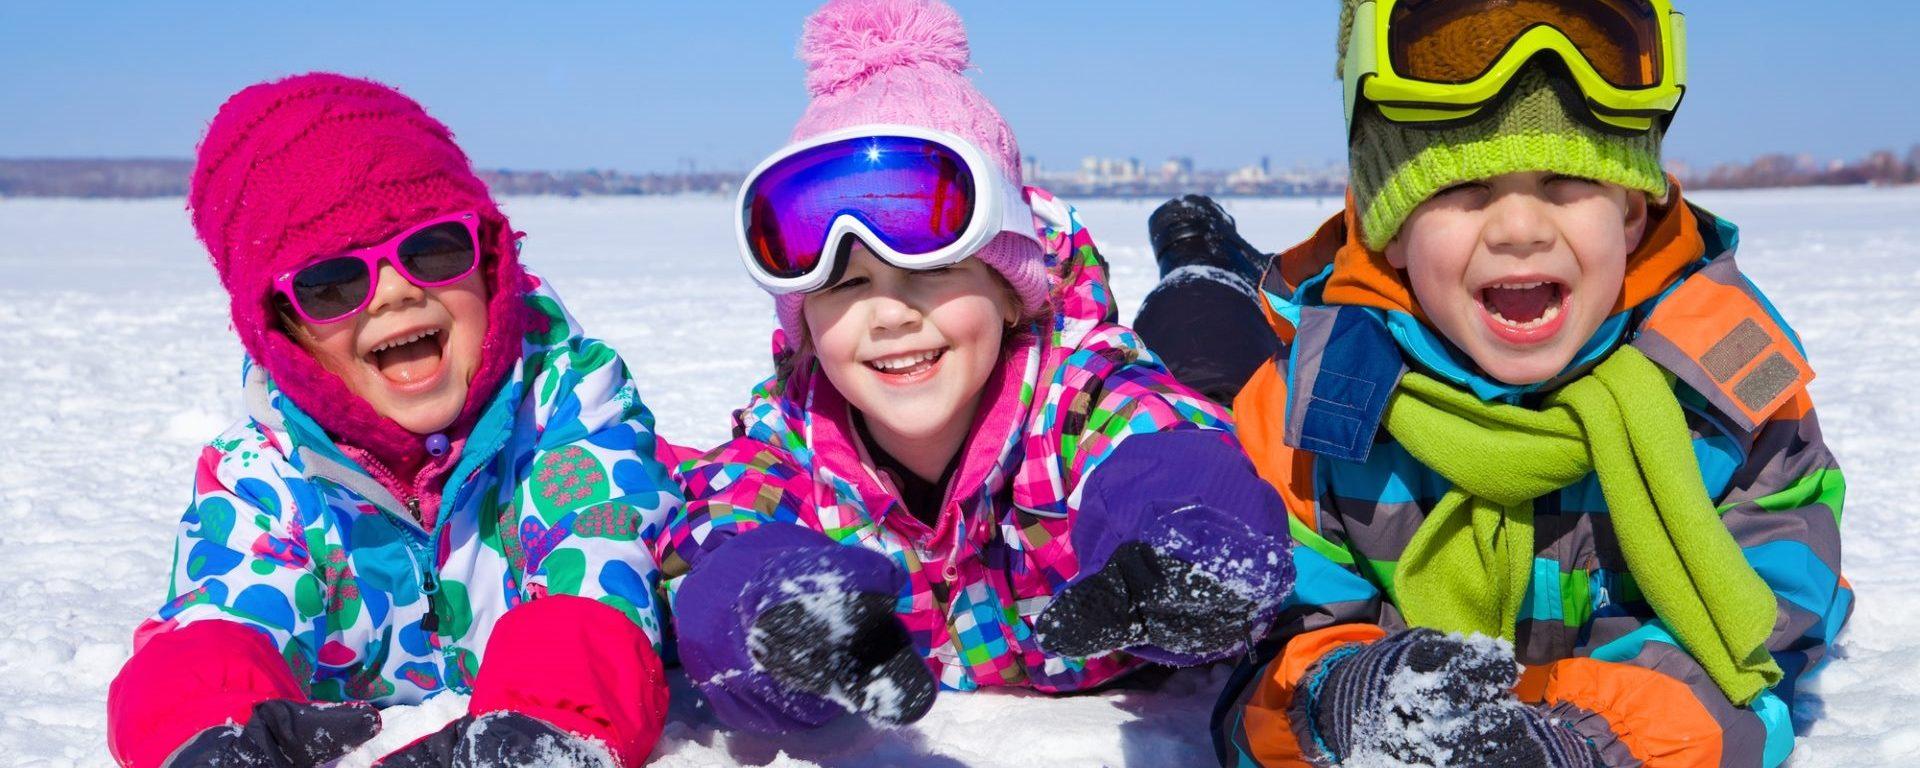 Winterkleidung - Im Winter muss es praktisch sein